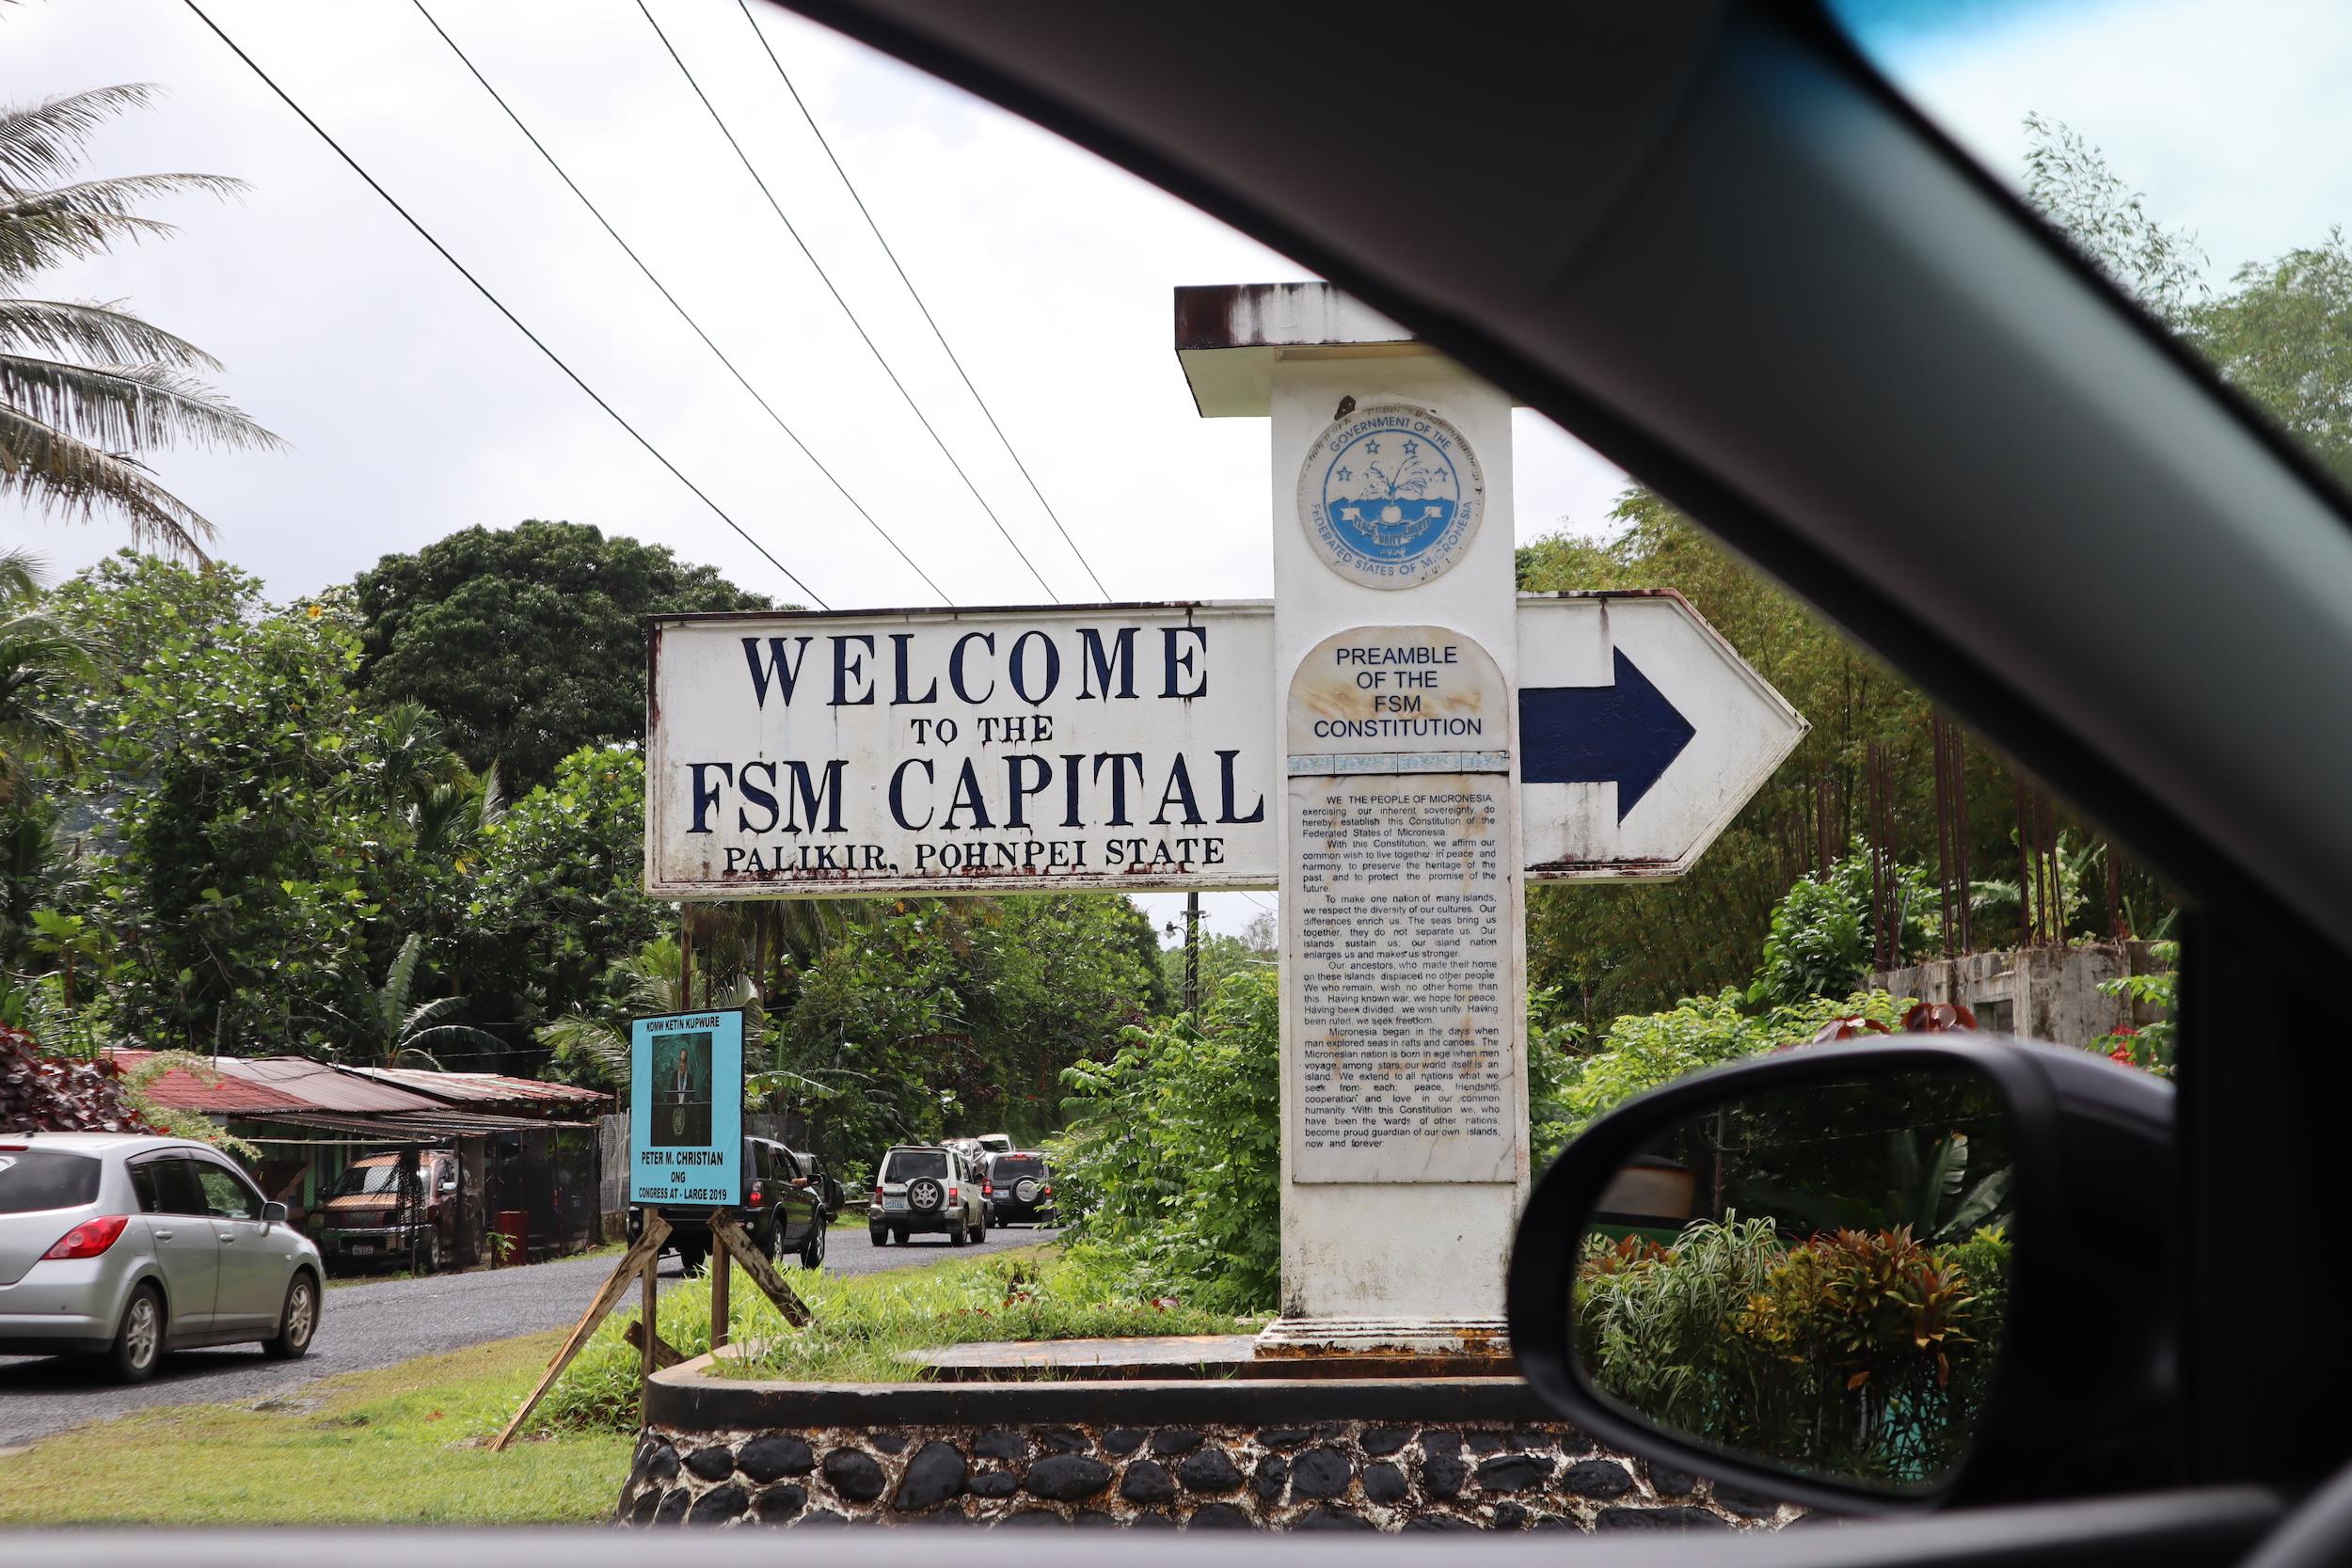 Driving to Palikir, Pohnpei